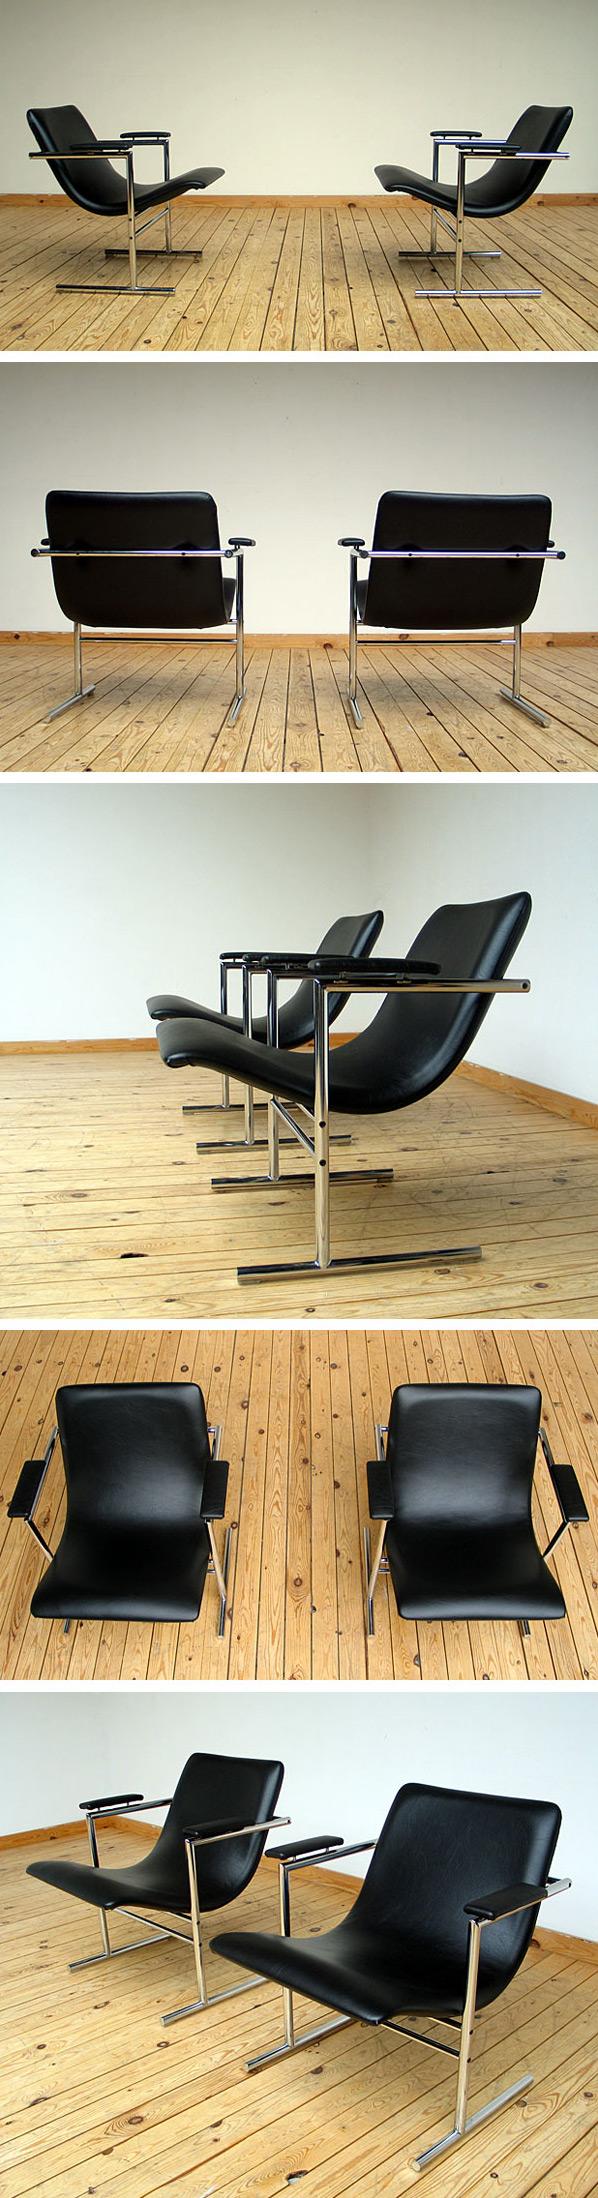 Pair of Rudi Verelst easy chair for Novalux Large